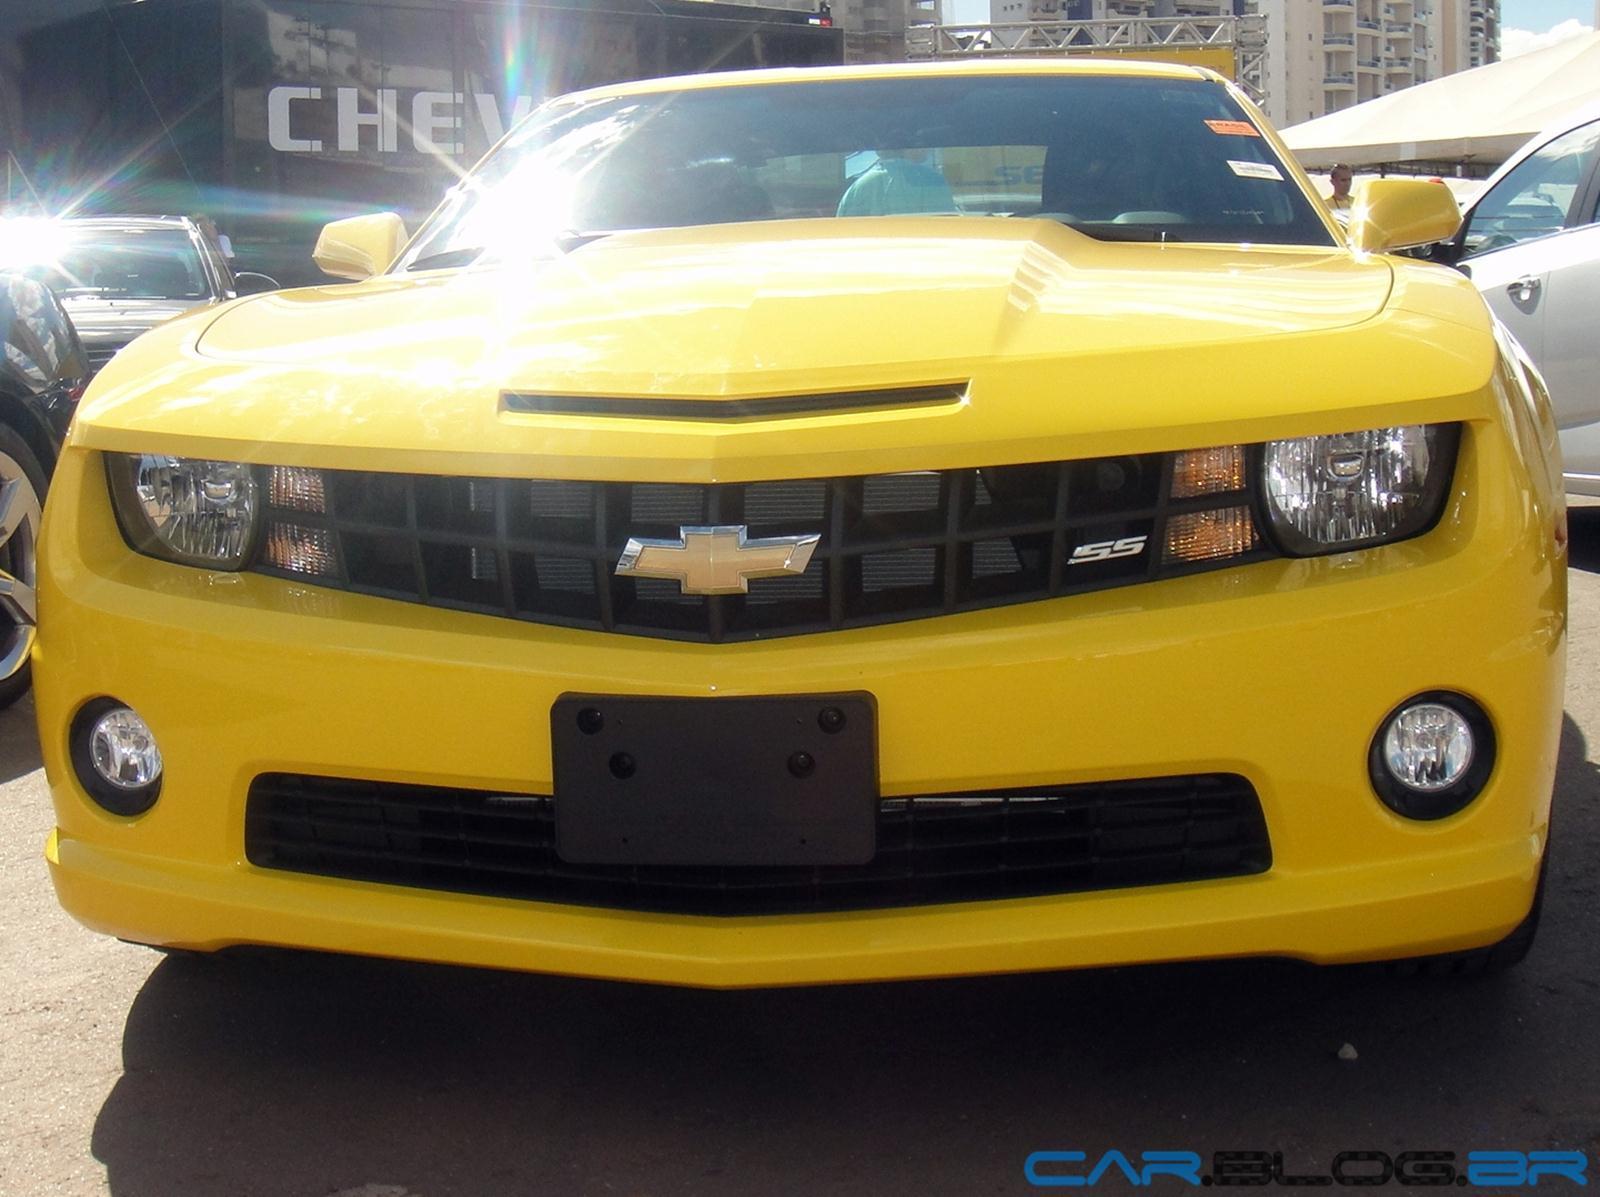 Chevrolet Camaro Ss Fotos Pre 231 O Consumo E Ficha T 233 Cnica